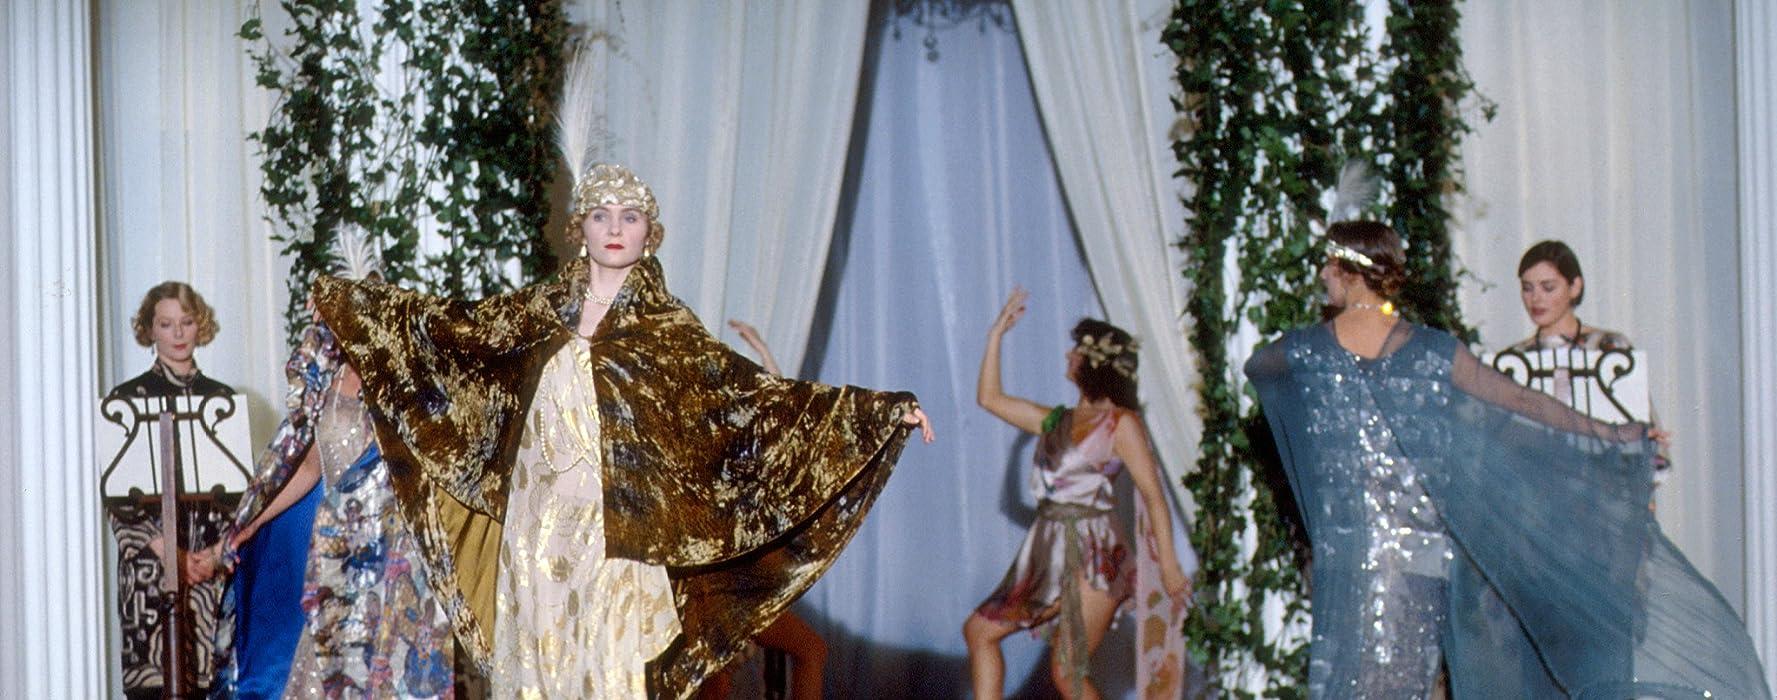 Jane Borghesi Porno pictures Iris Ashley,Keri Claussen 1995, 1997-1998